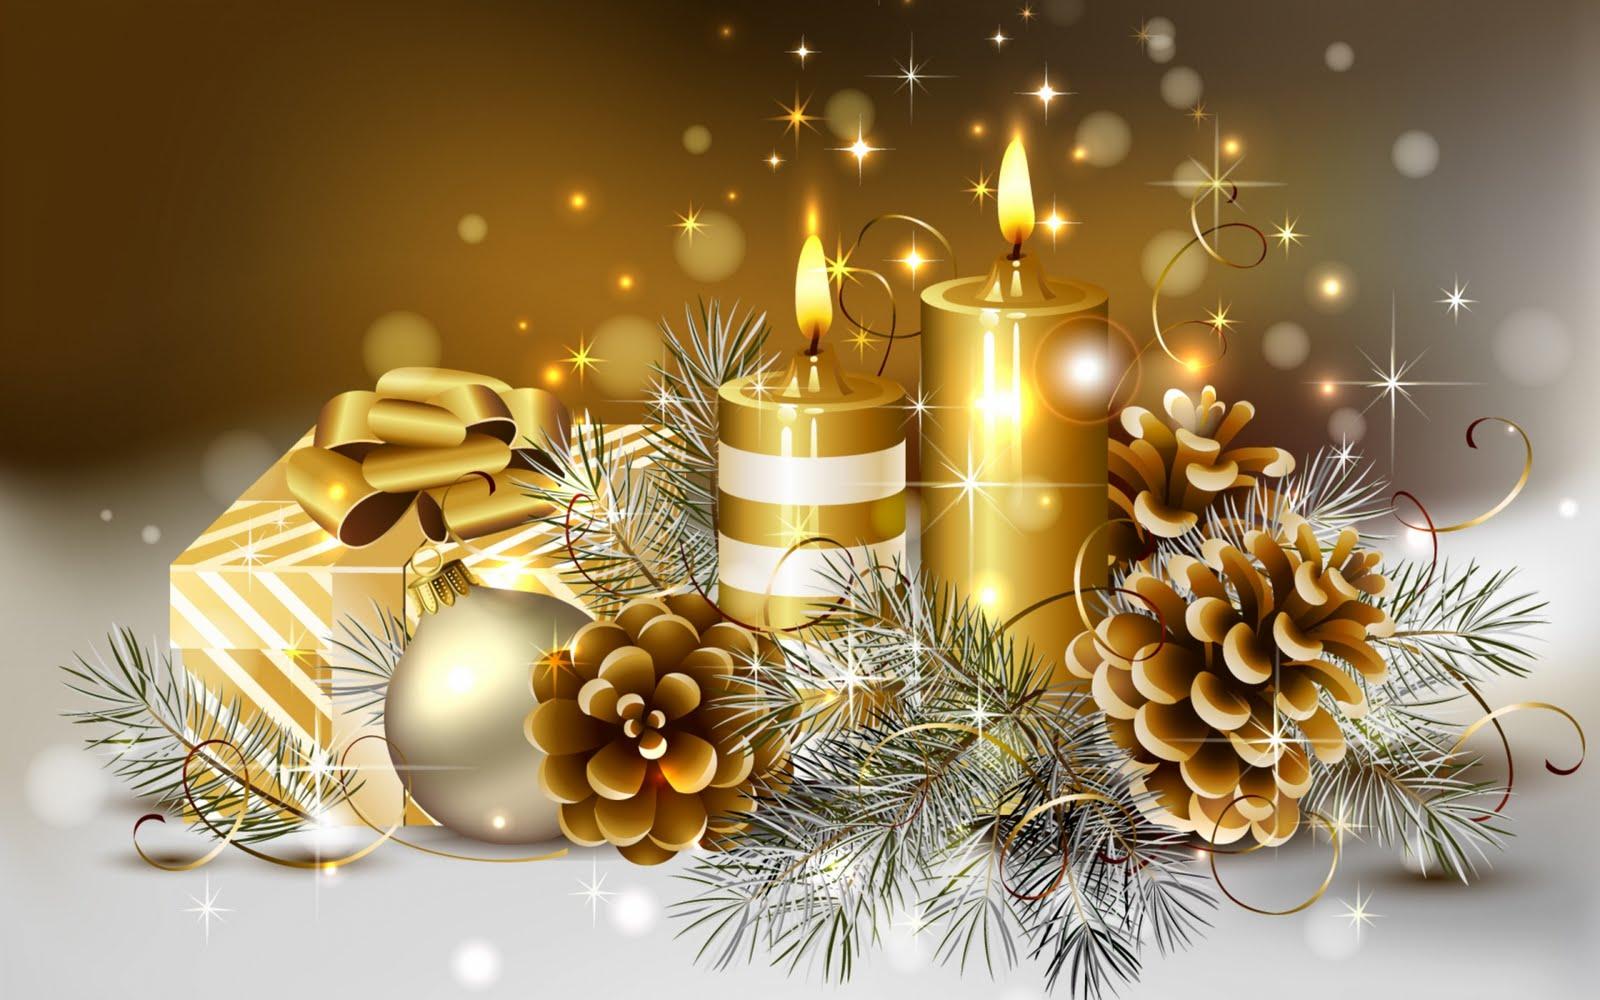 Adornos navideños en color dorado - Fondos para Navidad   Banco de ...